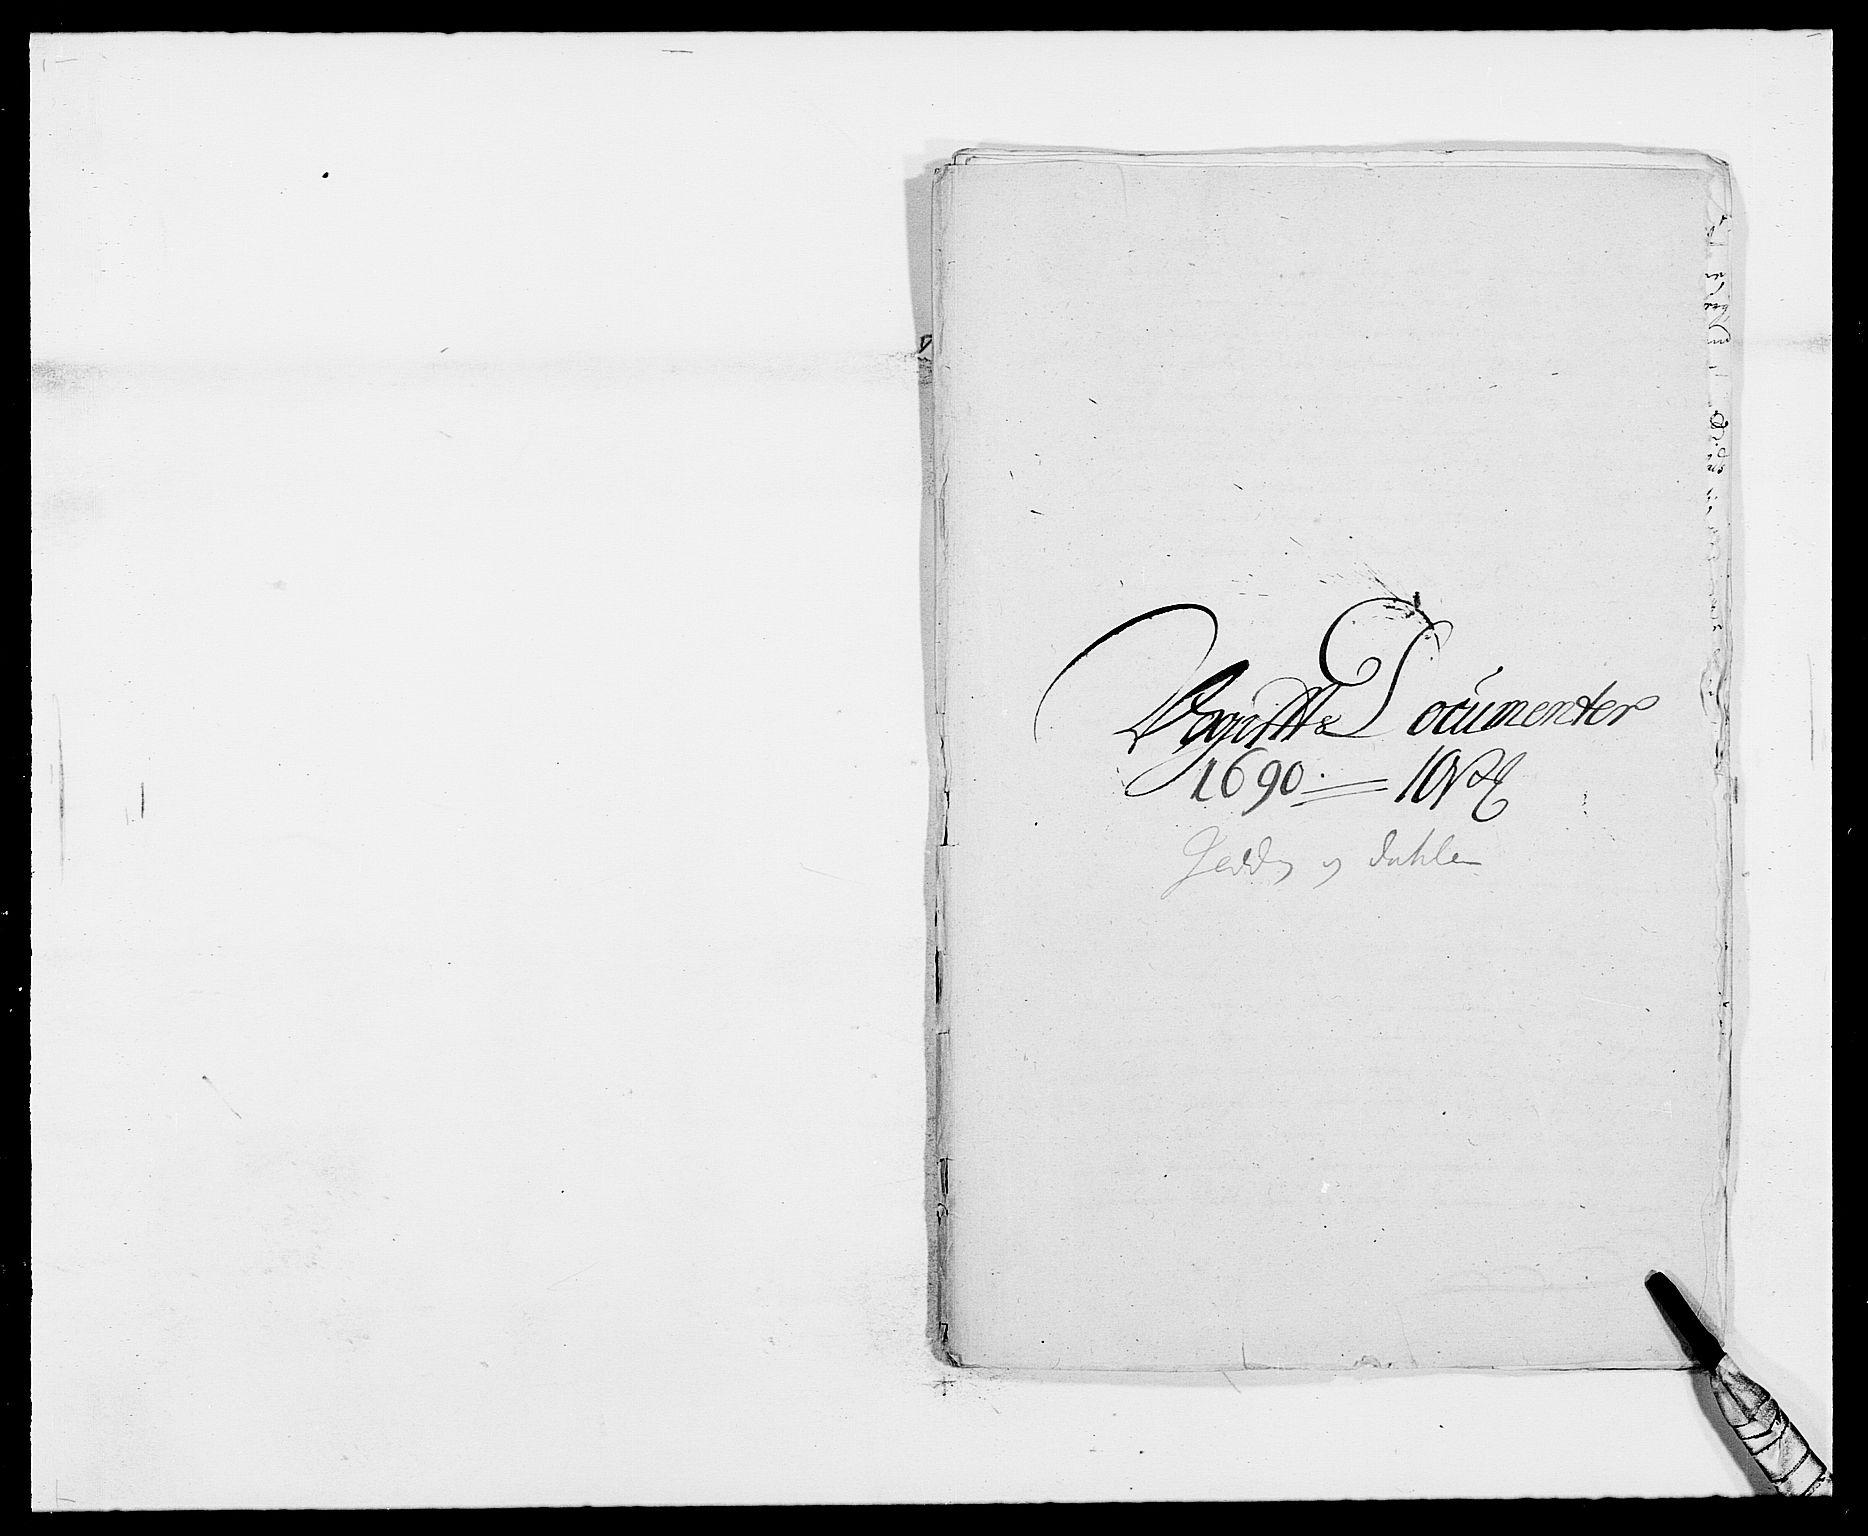 RA, Rentekammeret inntil 1814, Reviderte regnskaper, Fogderegnskap, R46/L2727: Fogderegnskap Jæren og Dalane, 1690-1693, s. 41